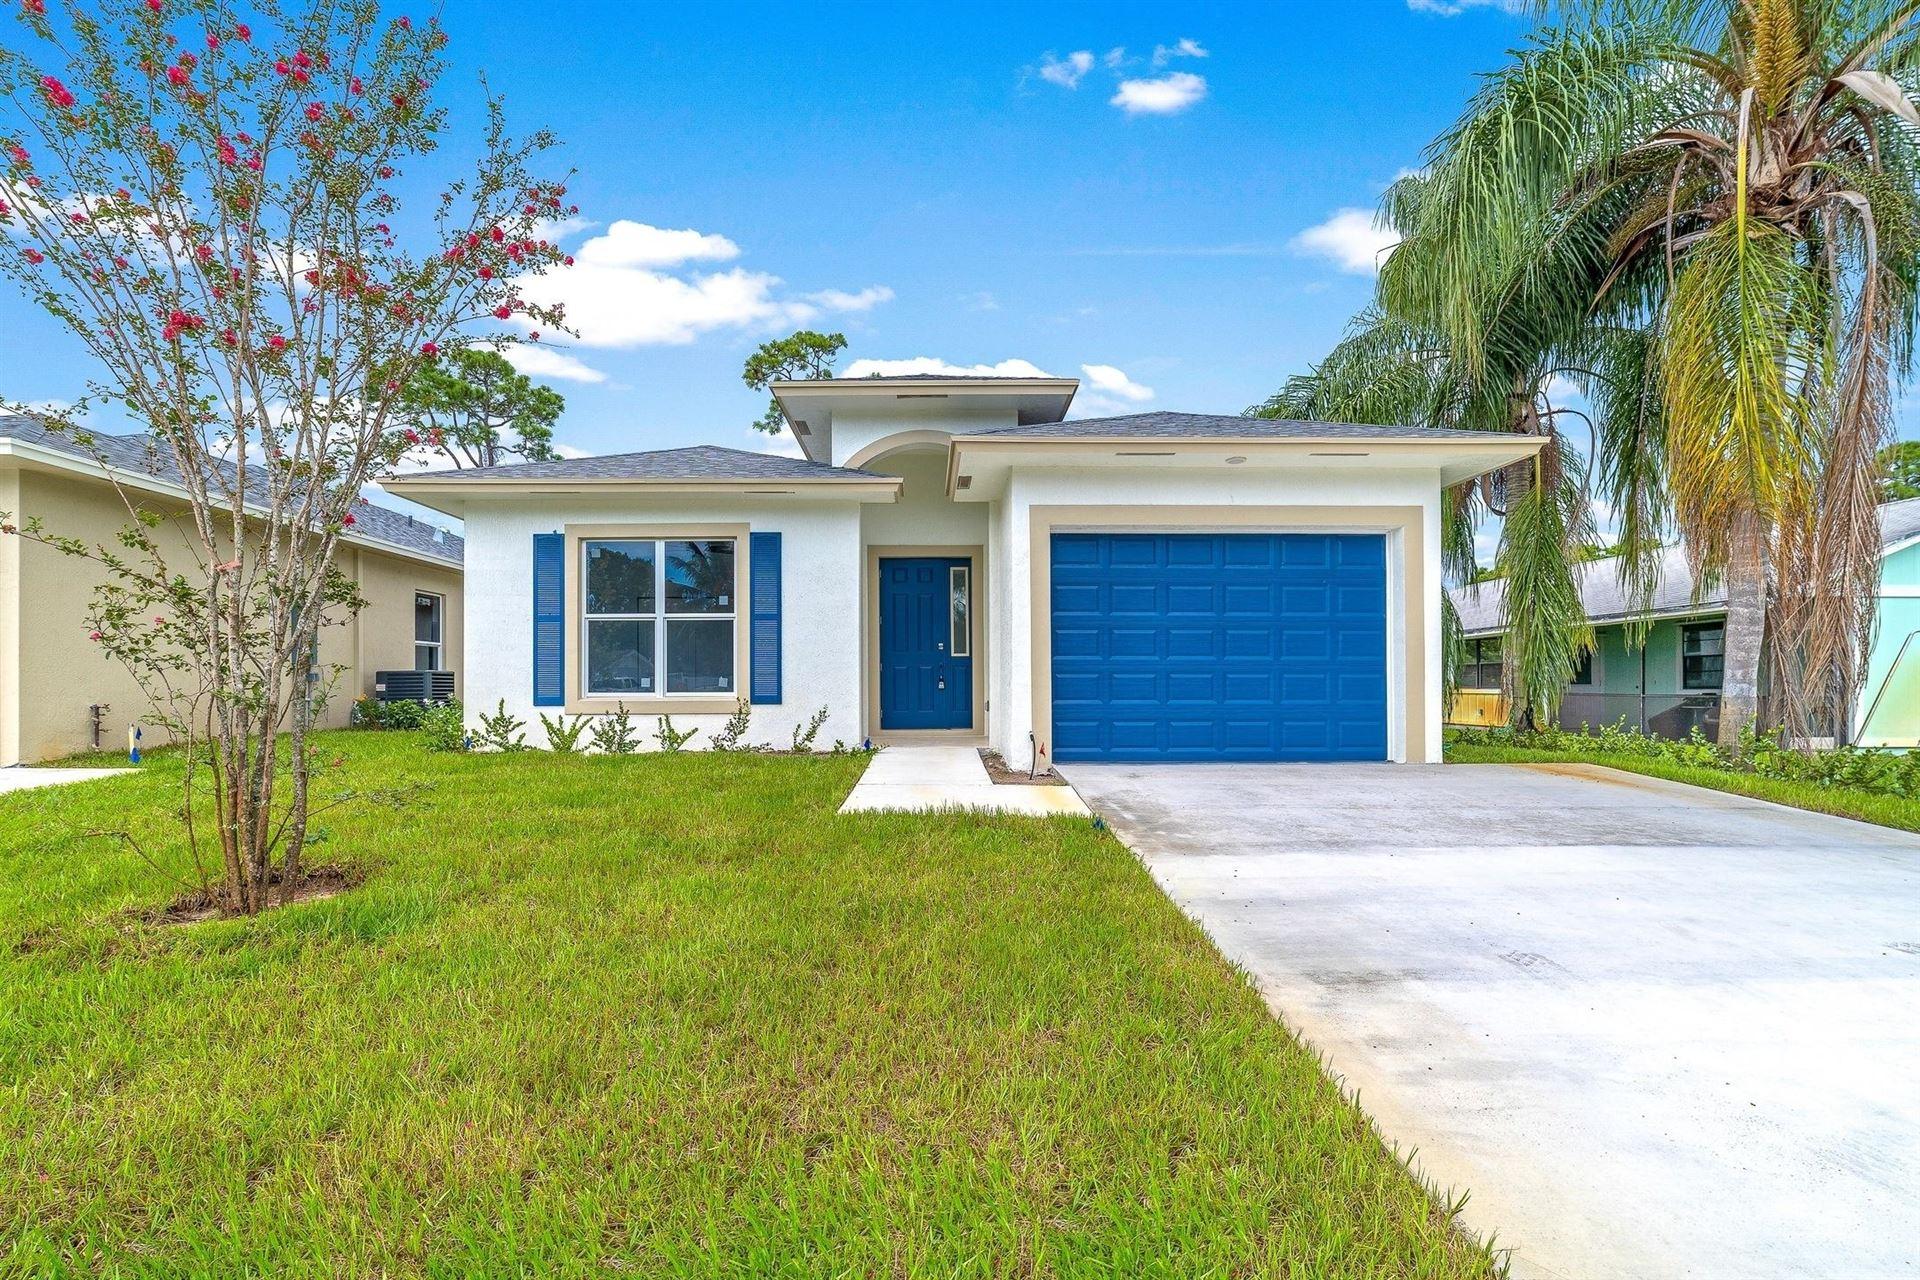 949 Fitch Drive, West Palm Beach, FL 33415 - #: RX-10672809